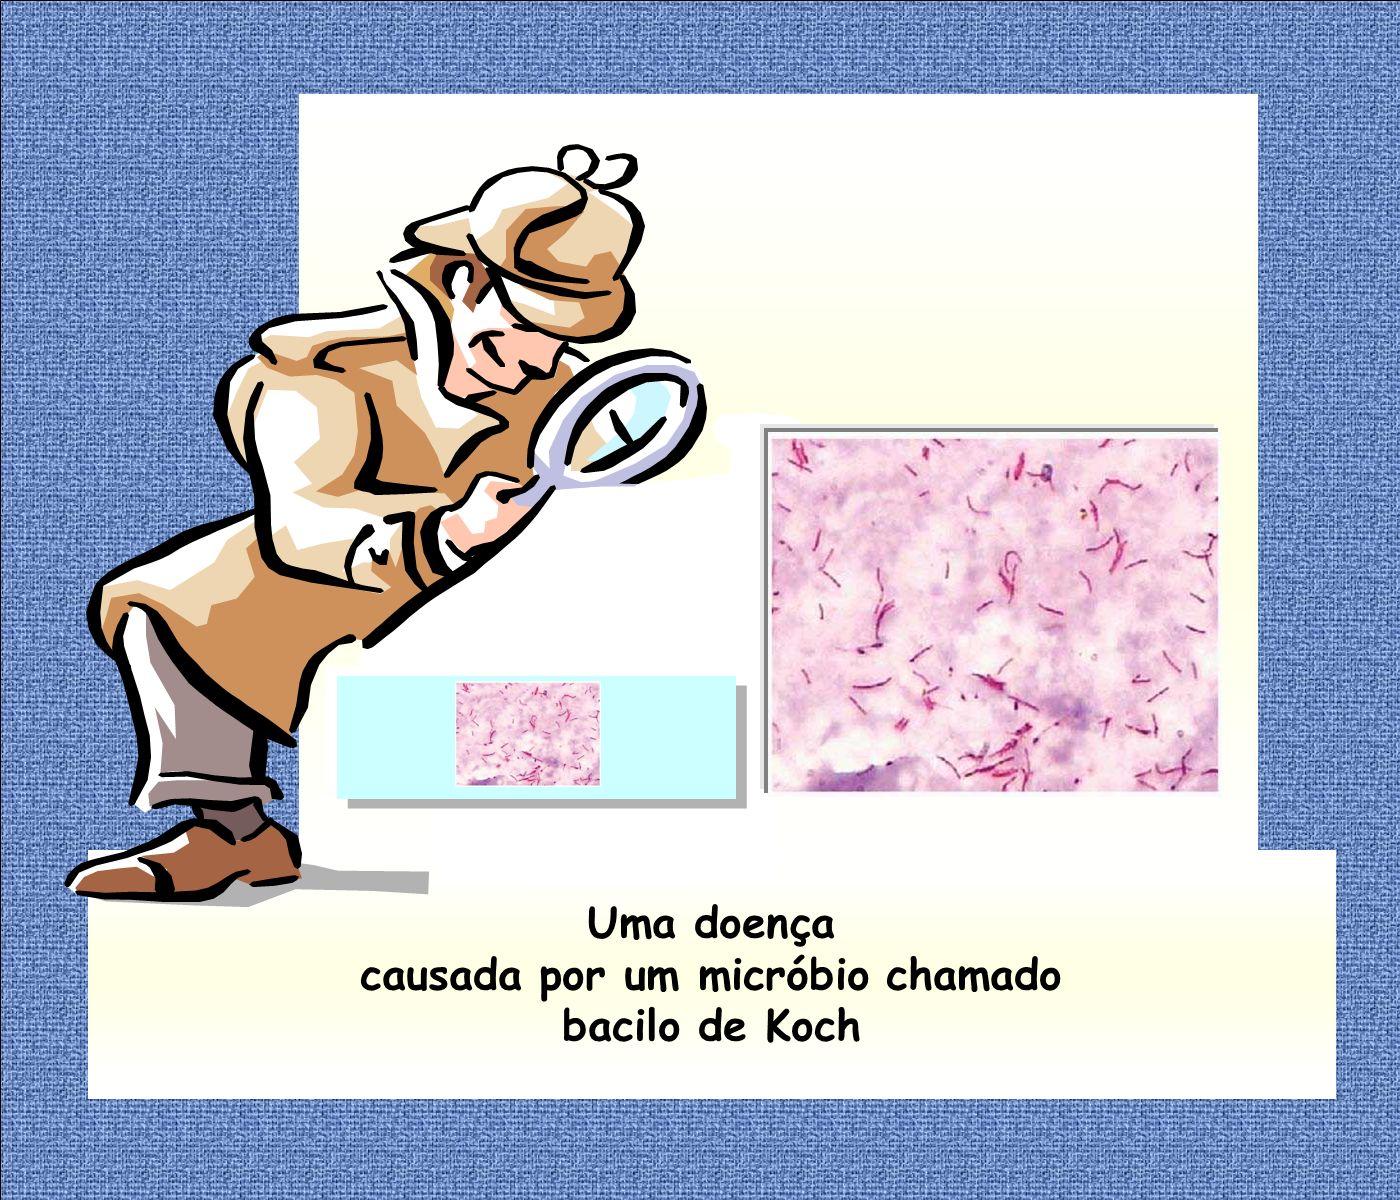 Em geral a tuberculose atinge os pulmões, mas pode atingir qualquer parte do corpo